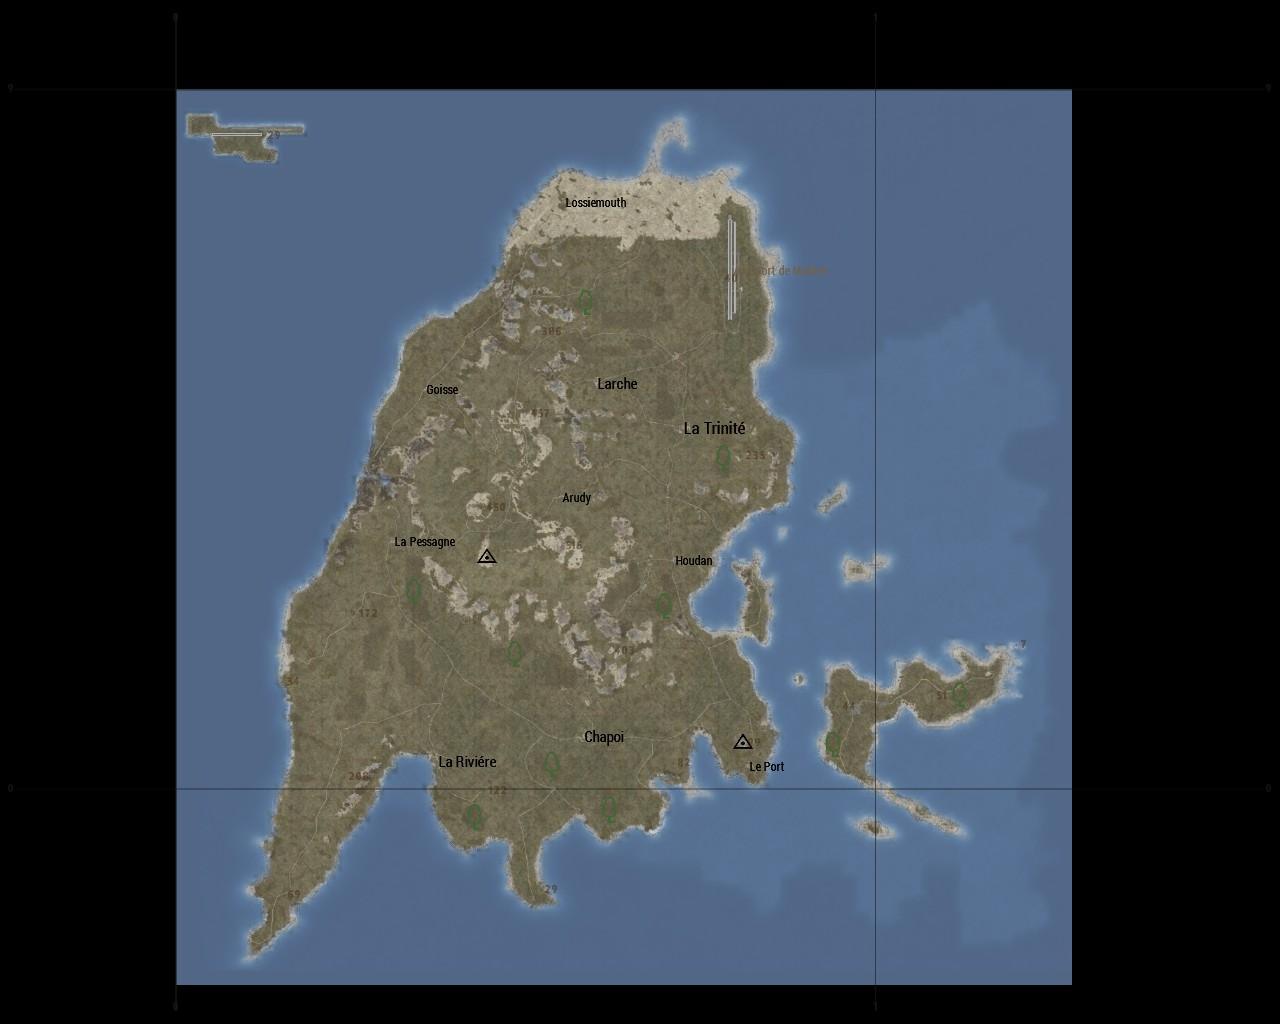 Steam Workshop Zeus on Malden 24 Players